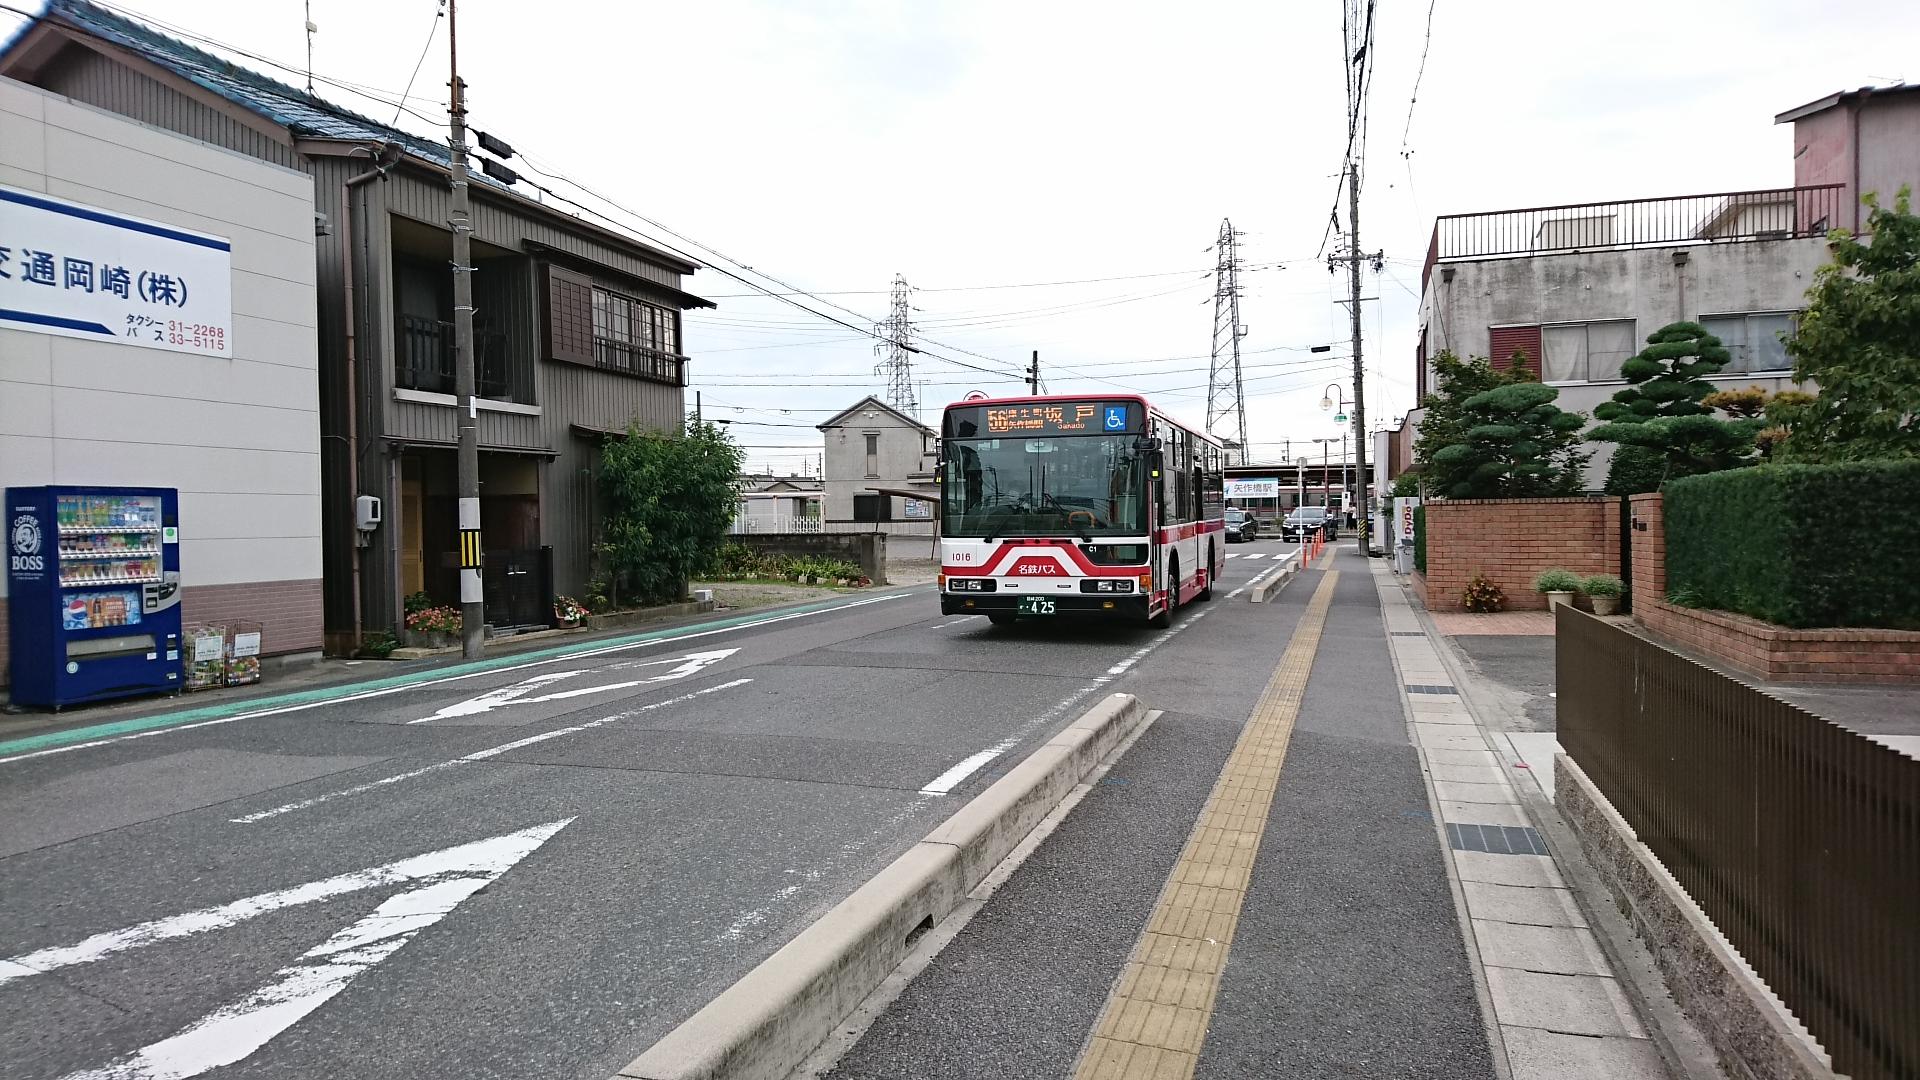 2017.8.14 東岡崎 (23) 矢作橋駅 - 坂戸いきバス 1920-1080